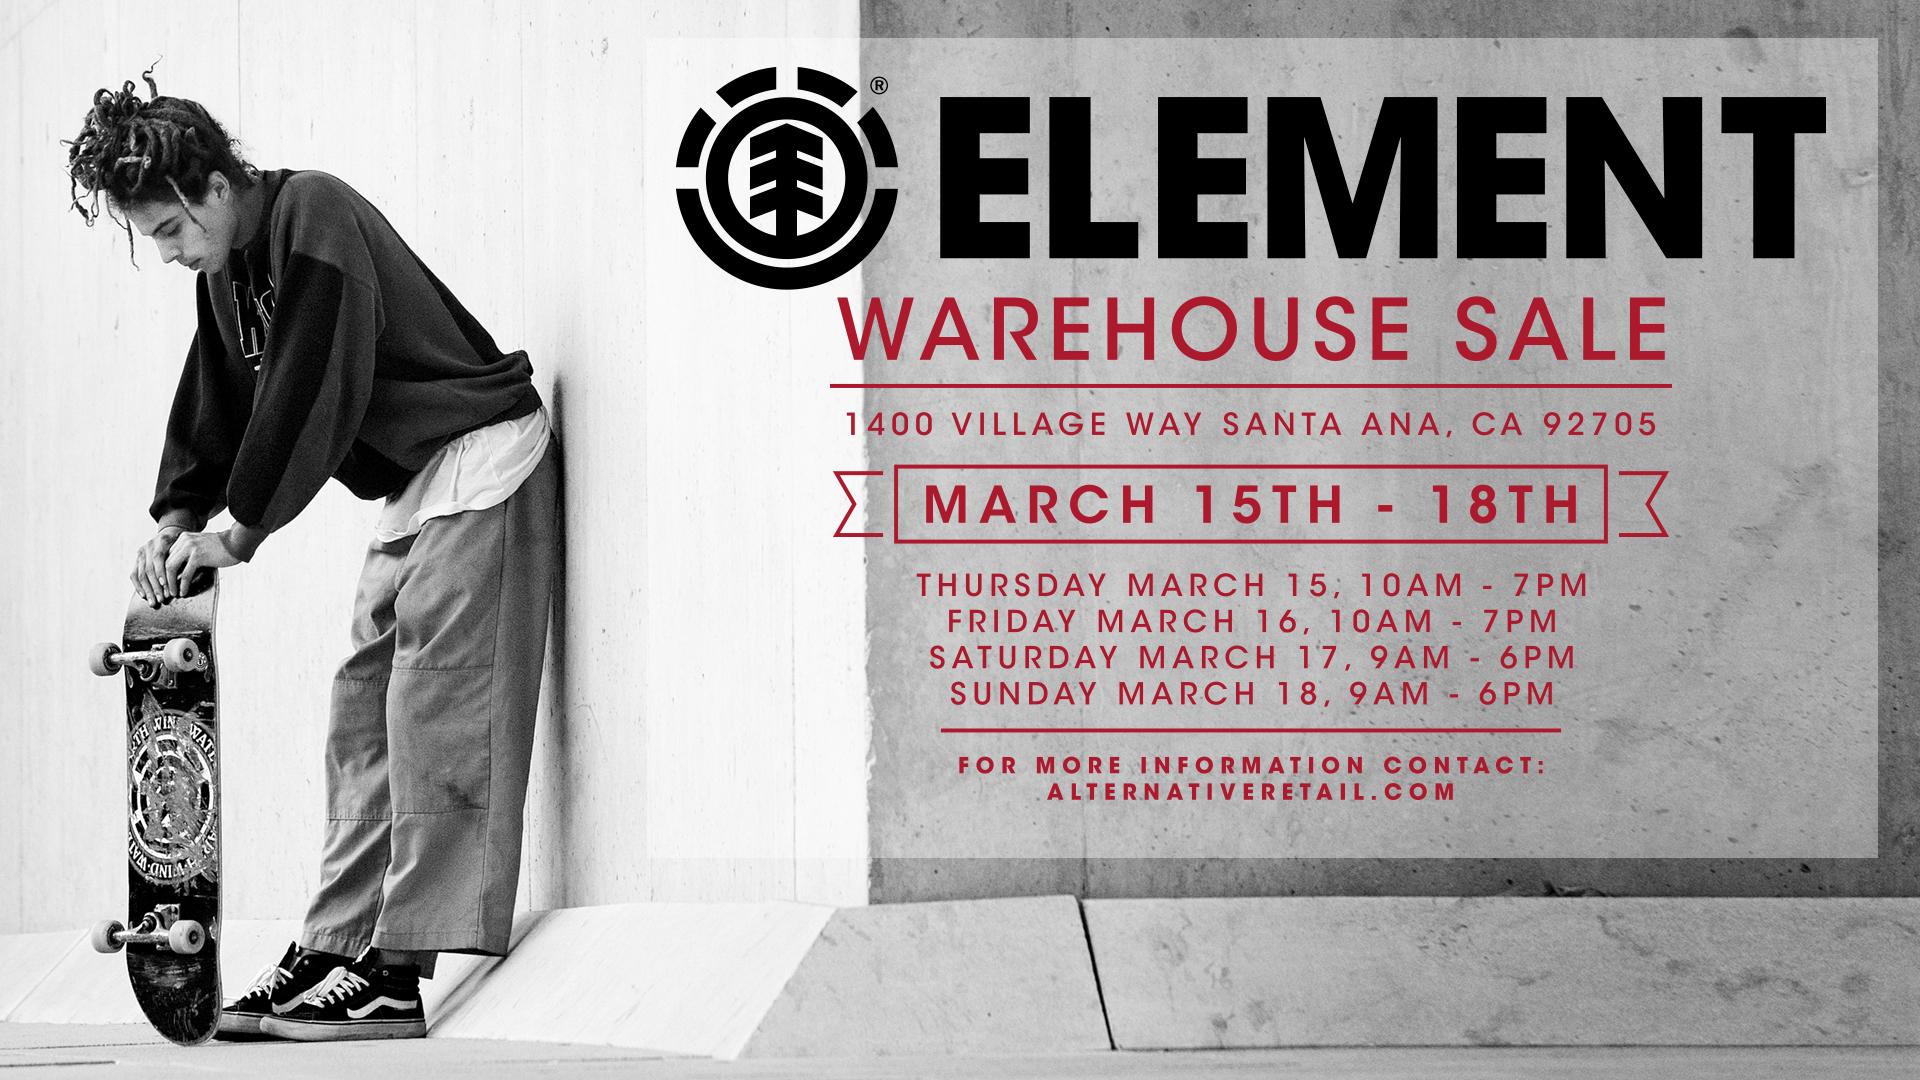 Element_Facebook-event-banner_v3.jpg